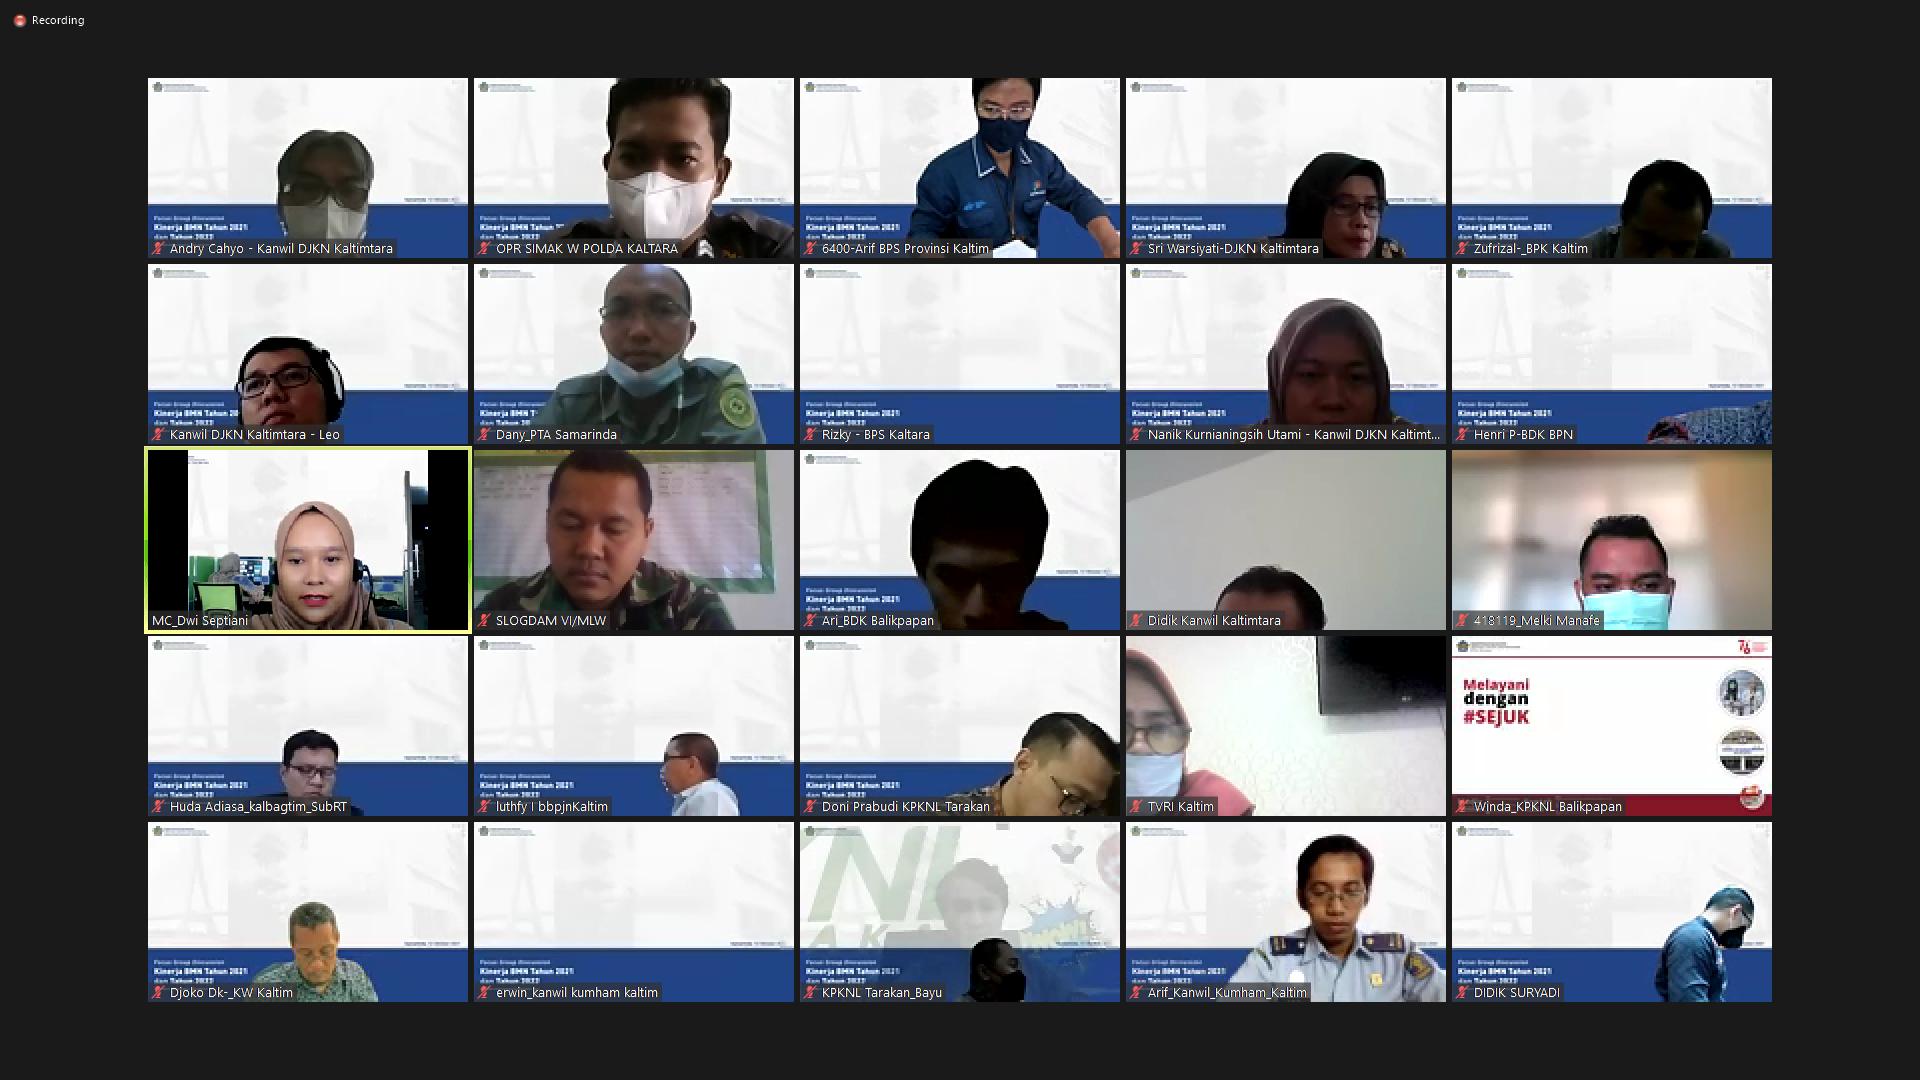 Siapkan Gagasan dan Strategi dalam Optimalkan Kekayaan Negara, Kanwil DJKN Kaltimtara adakan Focus Group Discussion